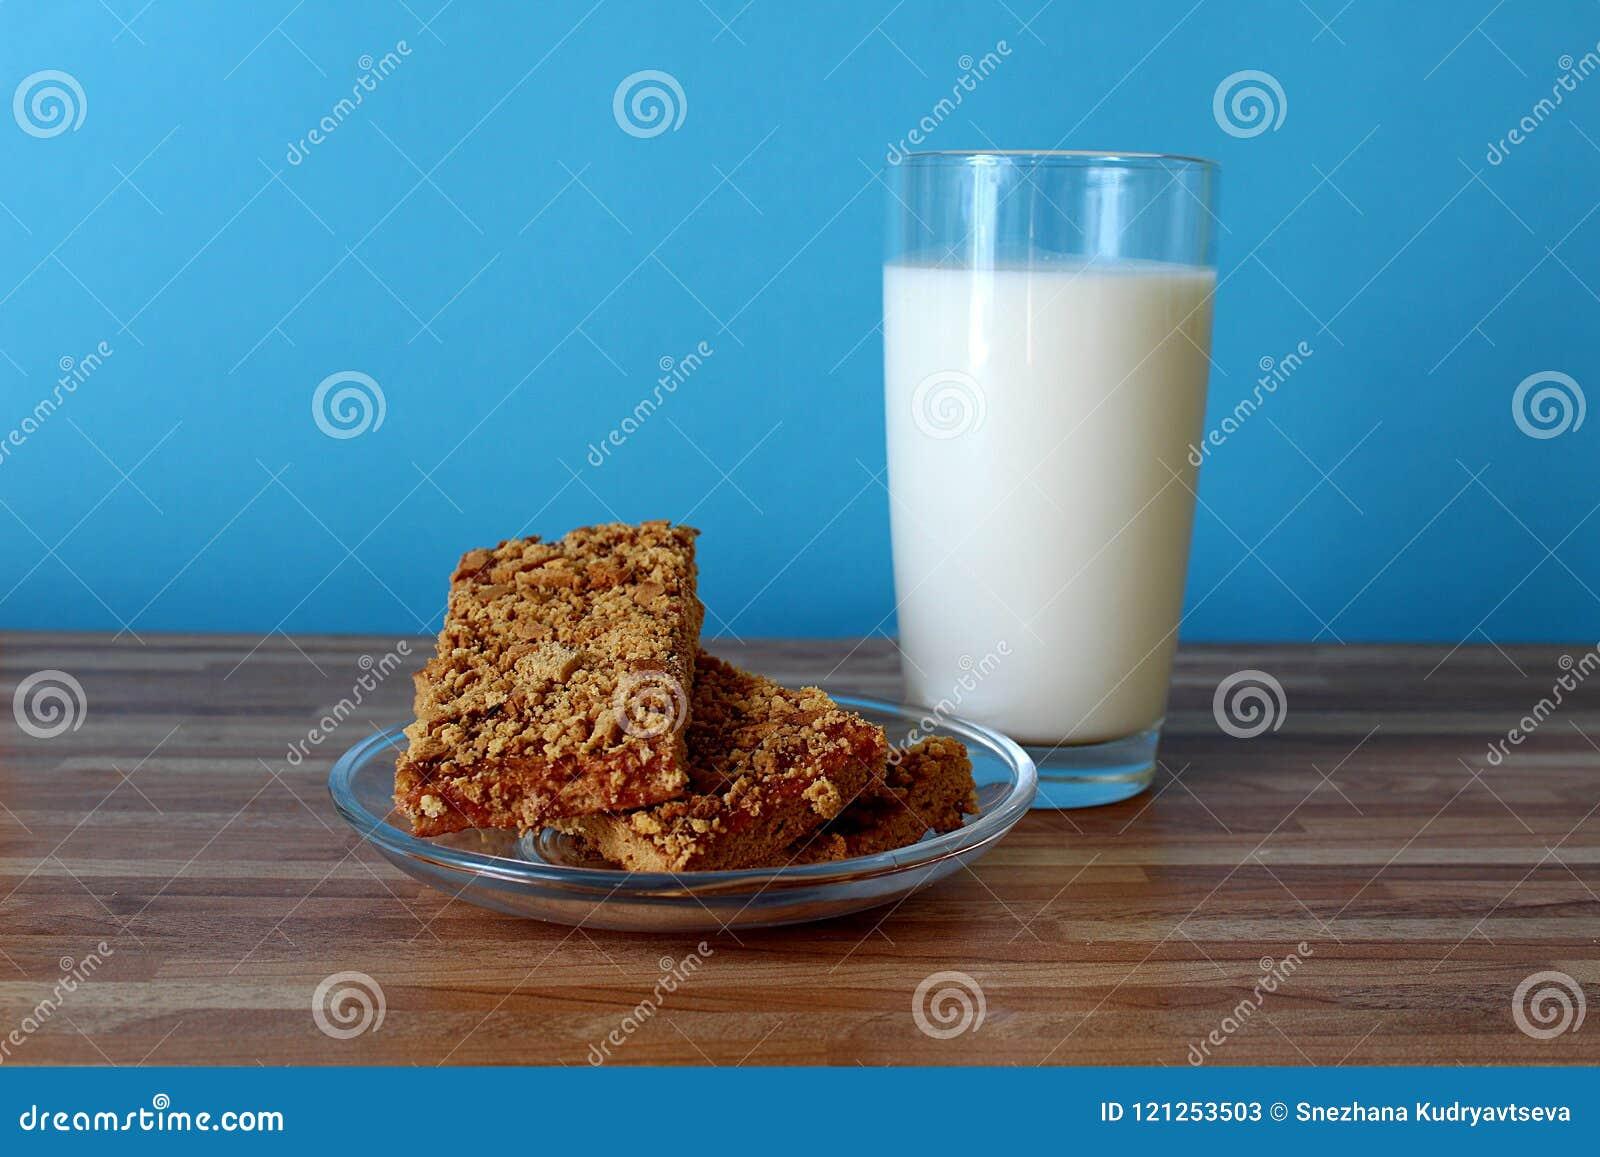 Op de lijst is een glas melk met koekjes